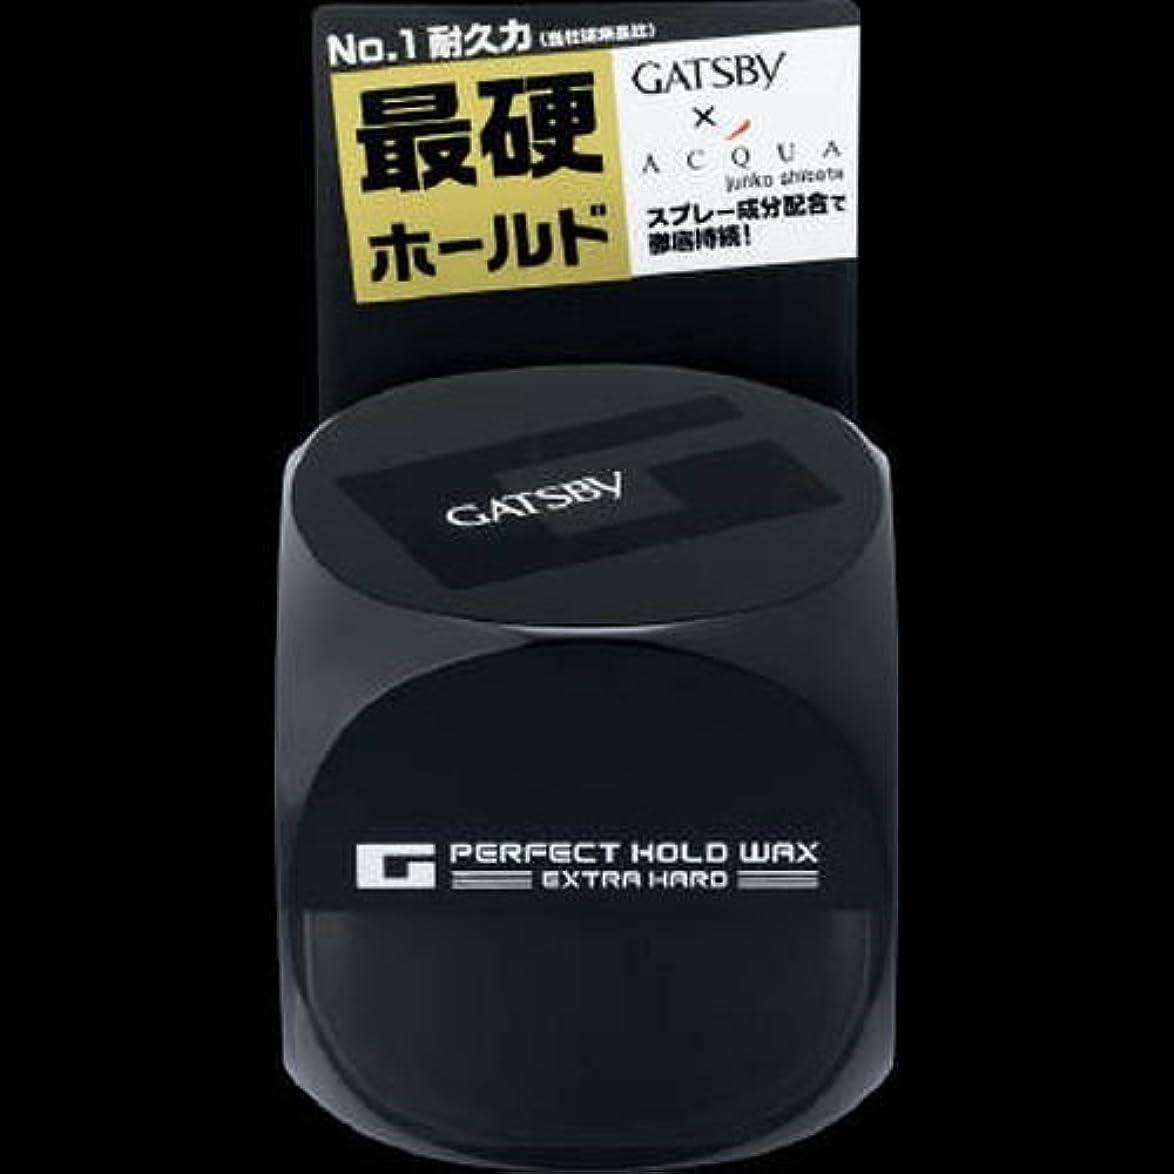 調べるダース土器【まとめ買い】GBパーフェクトホールドワックスエクストラハード 60g ×2セット